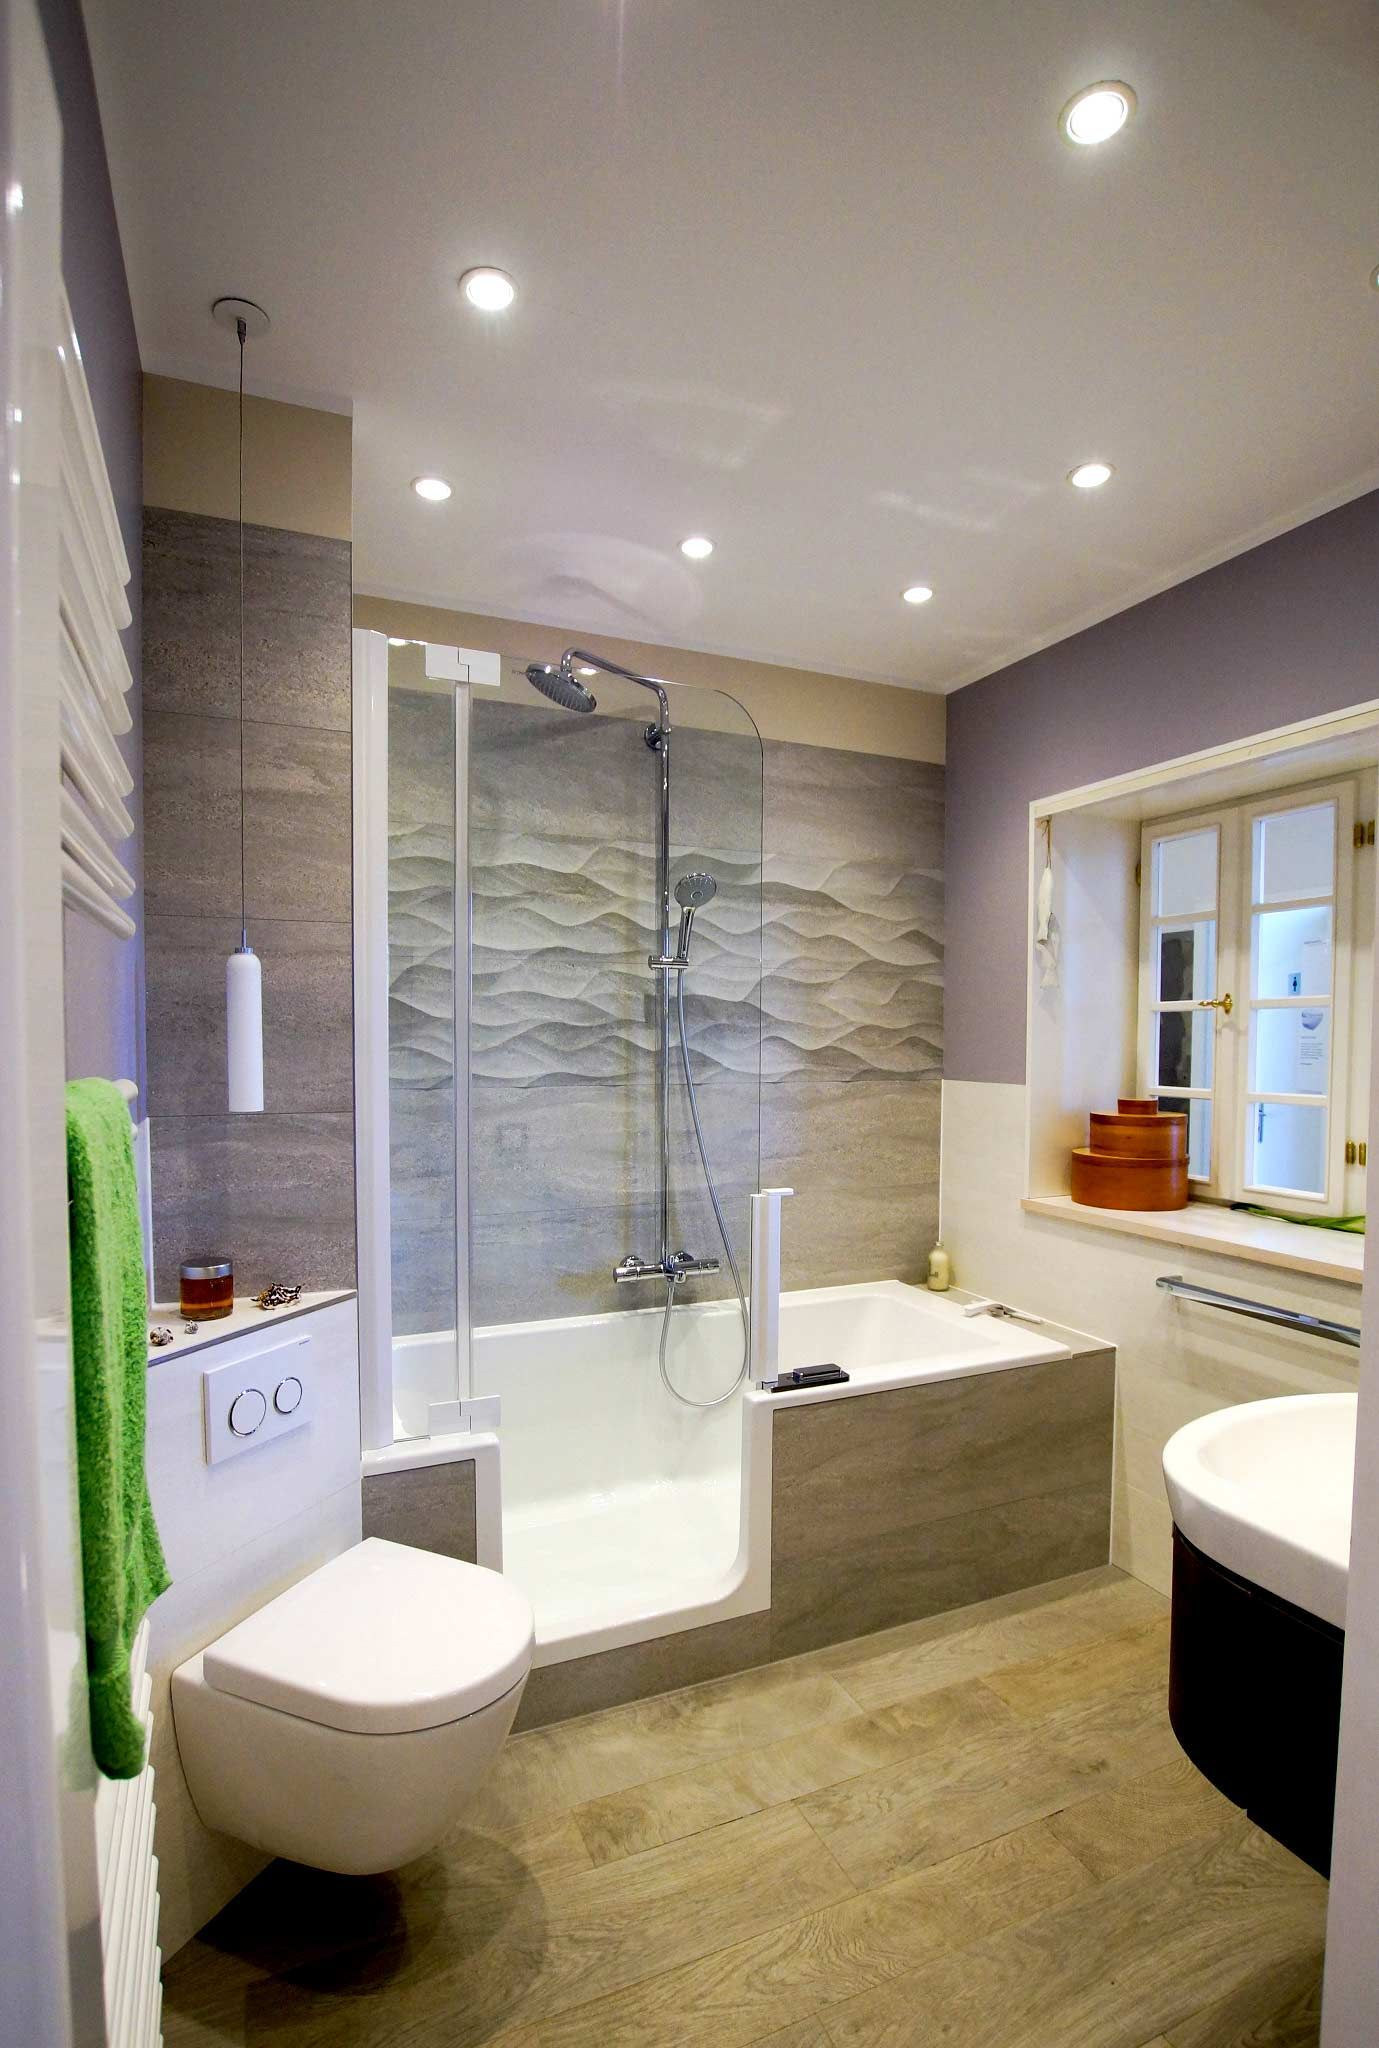 Badewanne Mit Dusche Die Losung Fur Kleine Bader Bader Badewanne Die Dusche Fur Kleine Losung Mit In 2020 Small Bathroom Bathtub Shower Bathtub